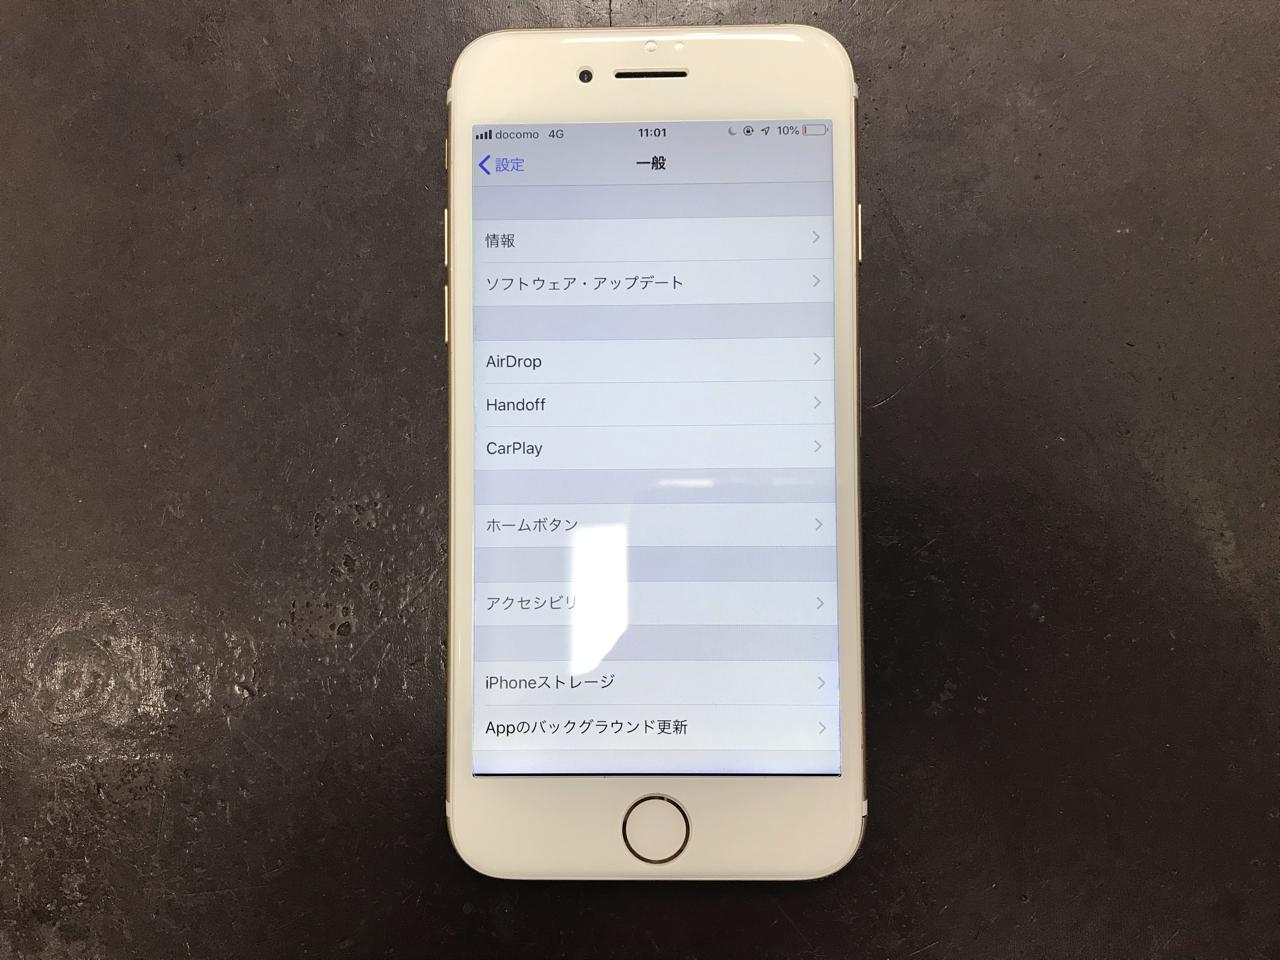 70b3c0f5-5e6e-4166-85f3-deb51068ae9d_1550203717_1173516809 iPhone7のバキバキなってしまった画面を修理しました!